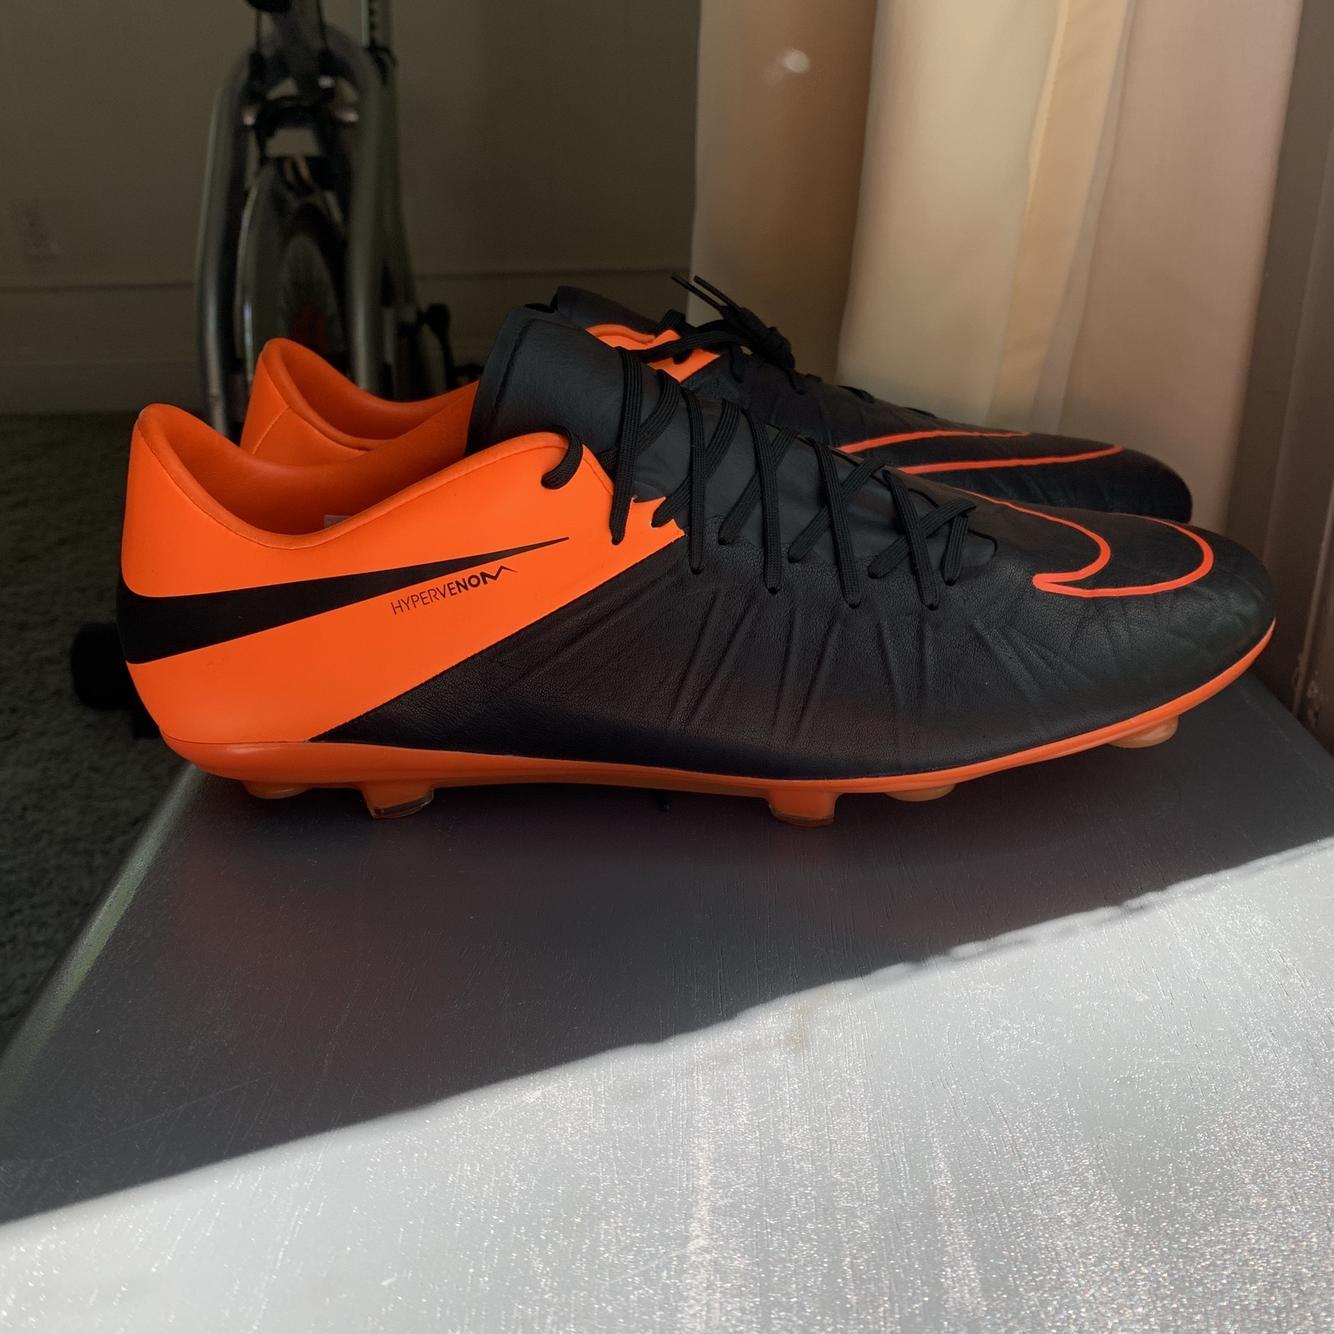 Nike Hypervenom Phinish SG-PRO Leather